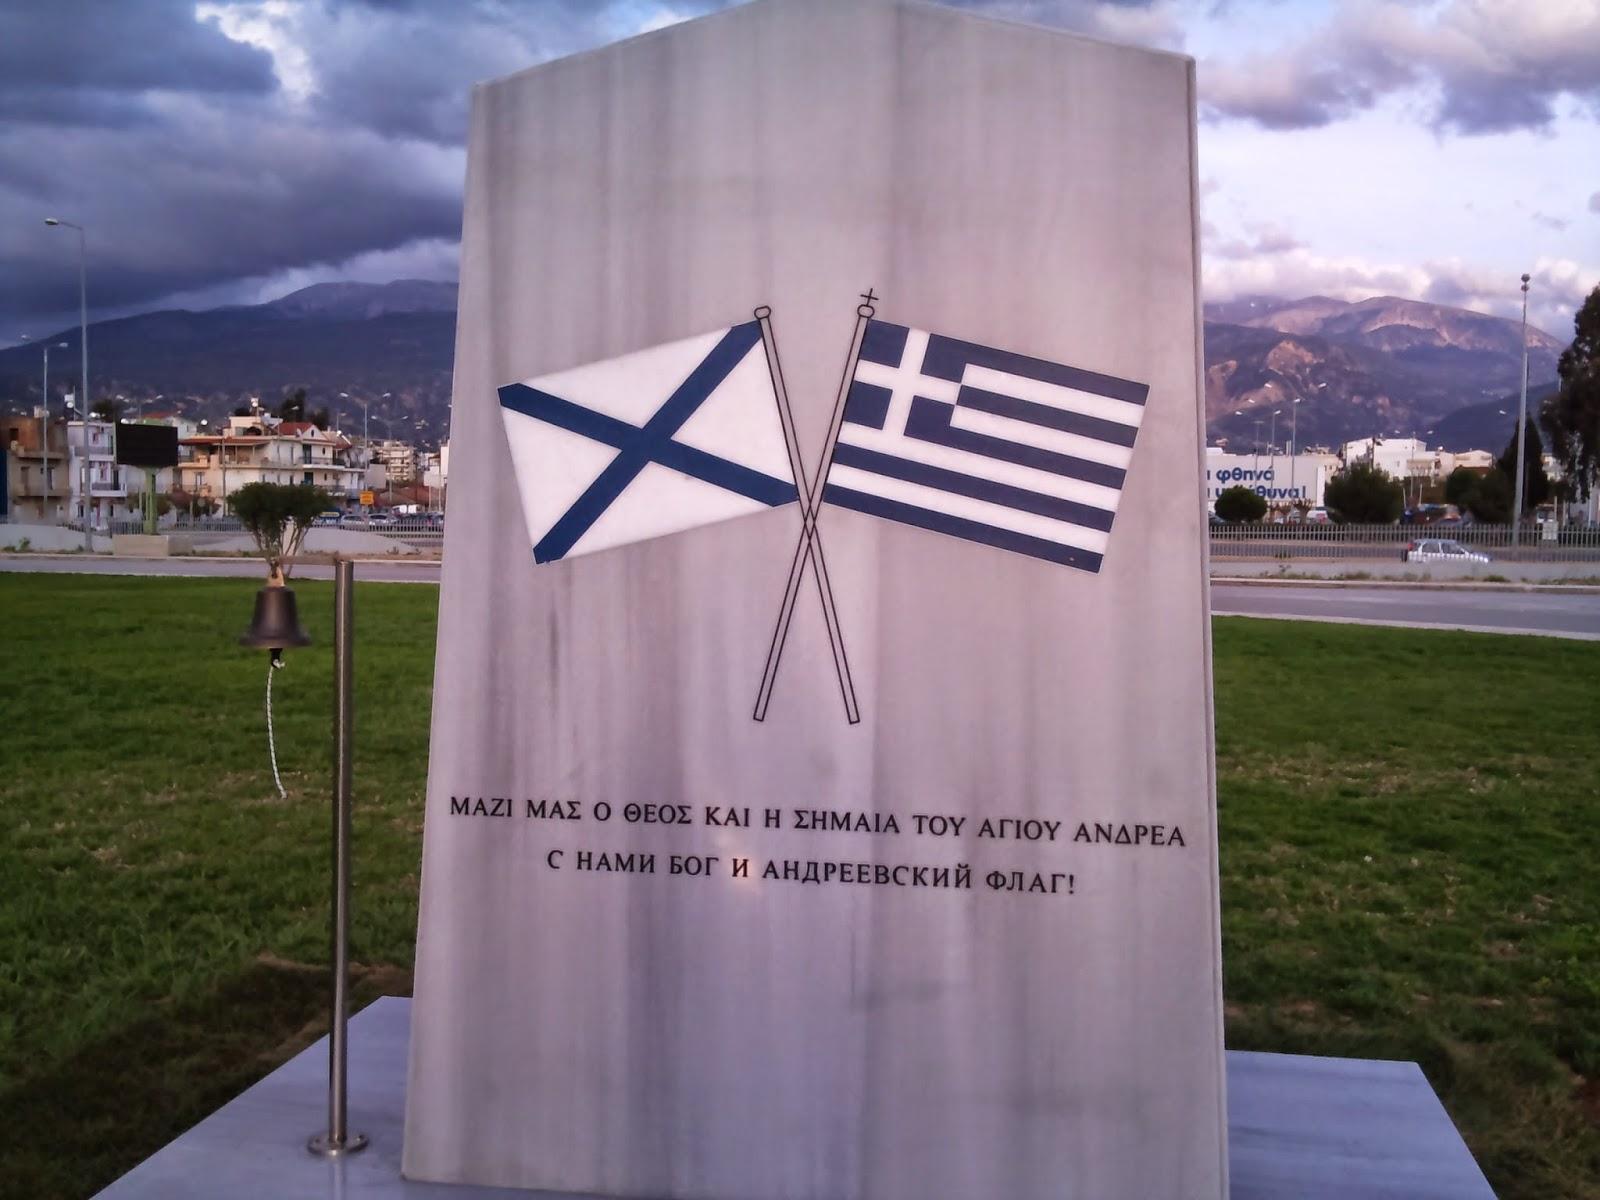 Μαζί μας ο θεός και η σημαία του Αγίου Αντρέα